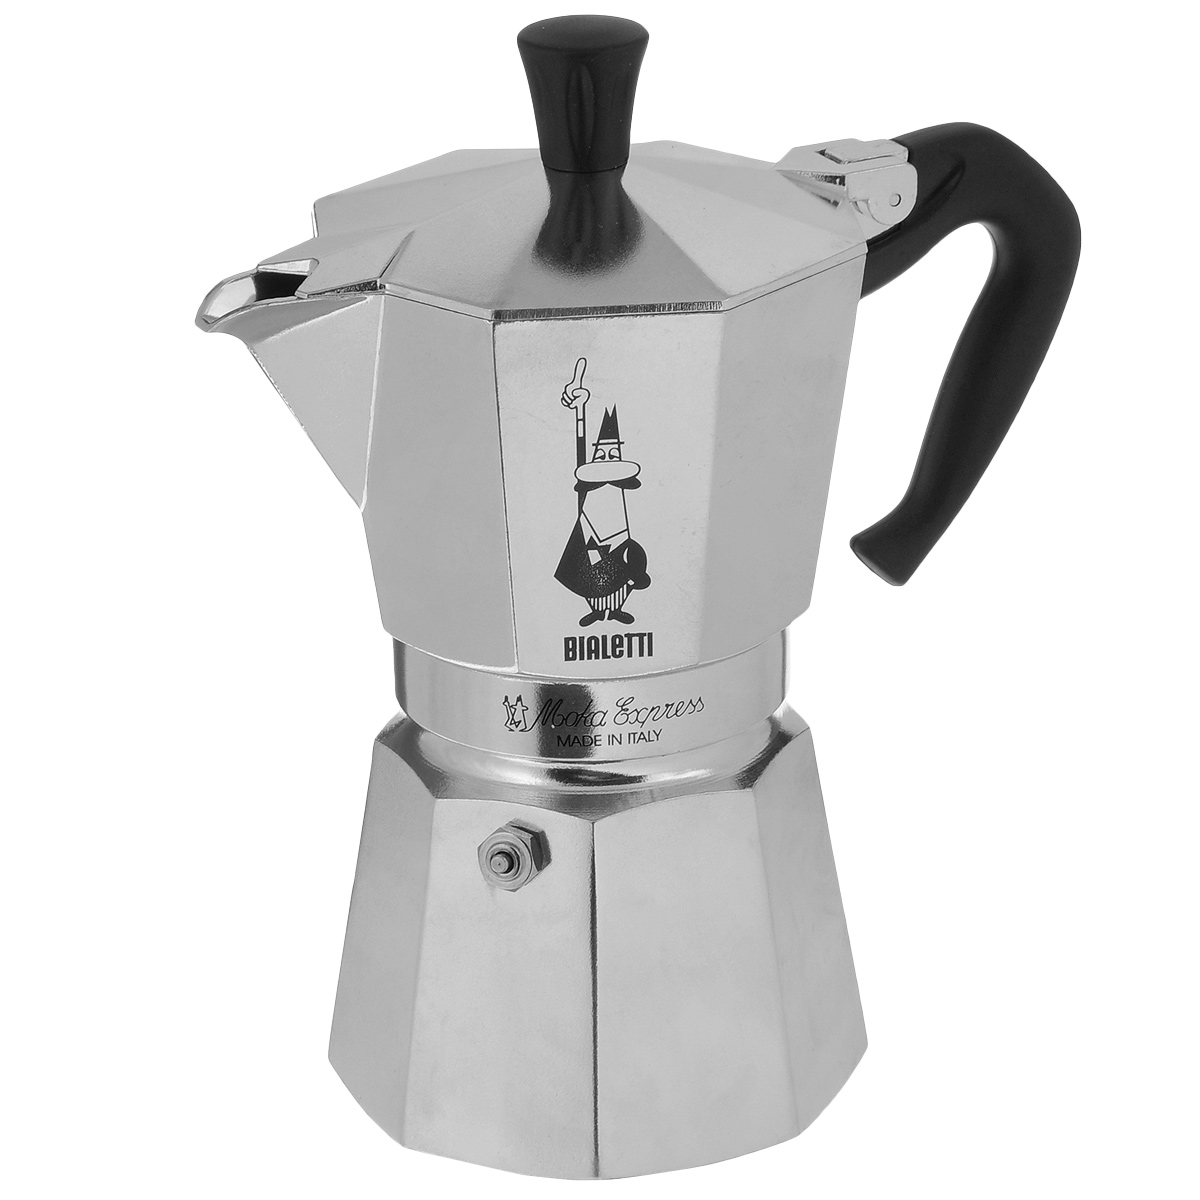 Кофеварка гейзерная Bialetti Moka Express, на 6 чашек, 300 мл1163Компактная гейзерная кофеварка Bialetti Moka Express изготовлена из высококачественного алюминия. Объема кофе хватает на 6 чашек. Изделие оснащено удобной пластиковой ручкой.Принцип работы такой гейзерной кофеварки - кофе заваривается путем многократного прохождения горячей воды или пара через слой молотого кофе. Удобство кофеварки в том, что вся кофейная гуща остается во внутренней емкости. Гейзерные кофеварки пользуются большой популярностью благодаря изысканному аромату. Кофе получается крепкий и насыщенный. Подходит для газовых, электрических и стеклокерамических плит. Нельзя мыть в посудомоечной машине. Объем: 300 мл.Высота: 21.8 см.Ширина: 16.6 см.Глубина: 12.4 см.